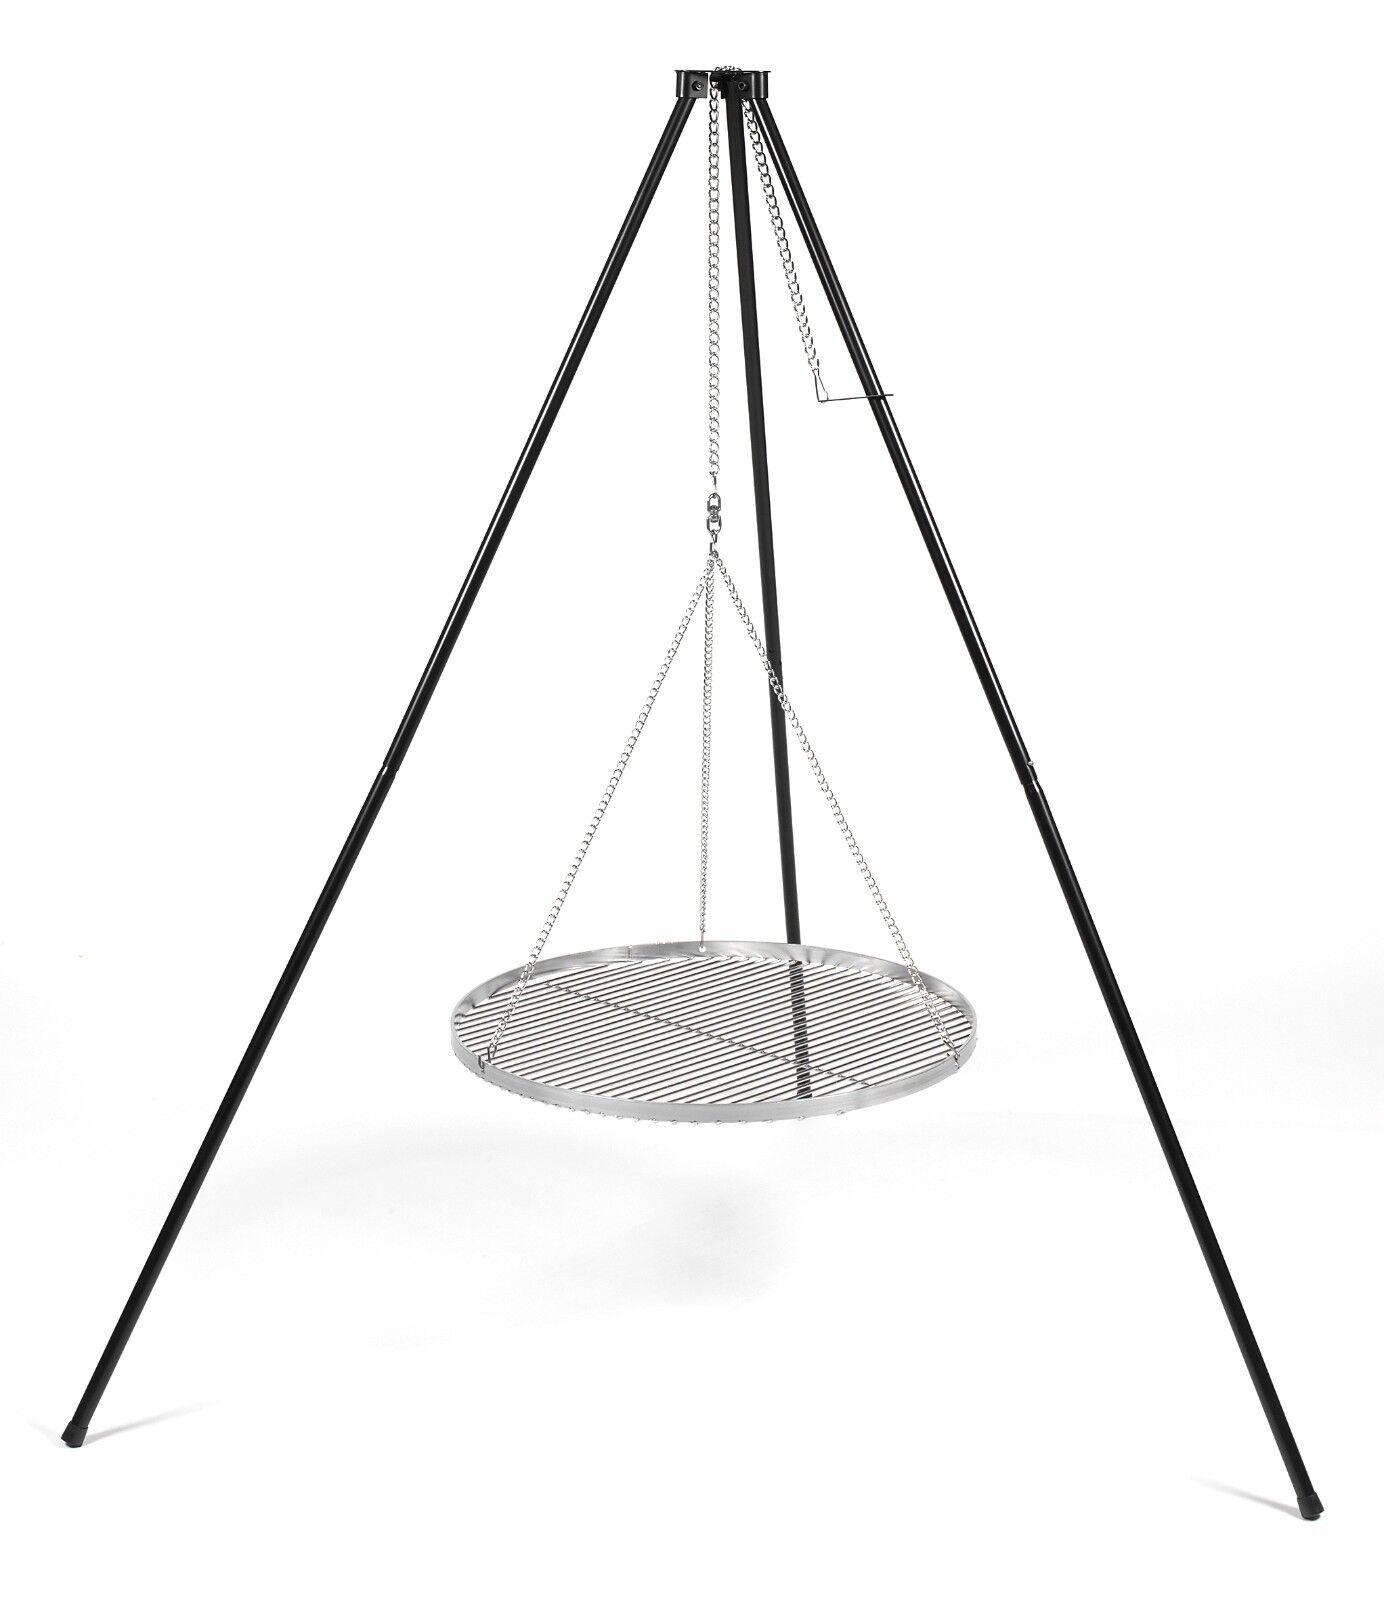 Dreibein Schwenker für Schwenkgrill Kette stufenloss einstellbar Beine160 cm